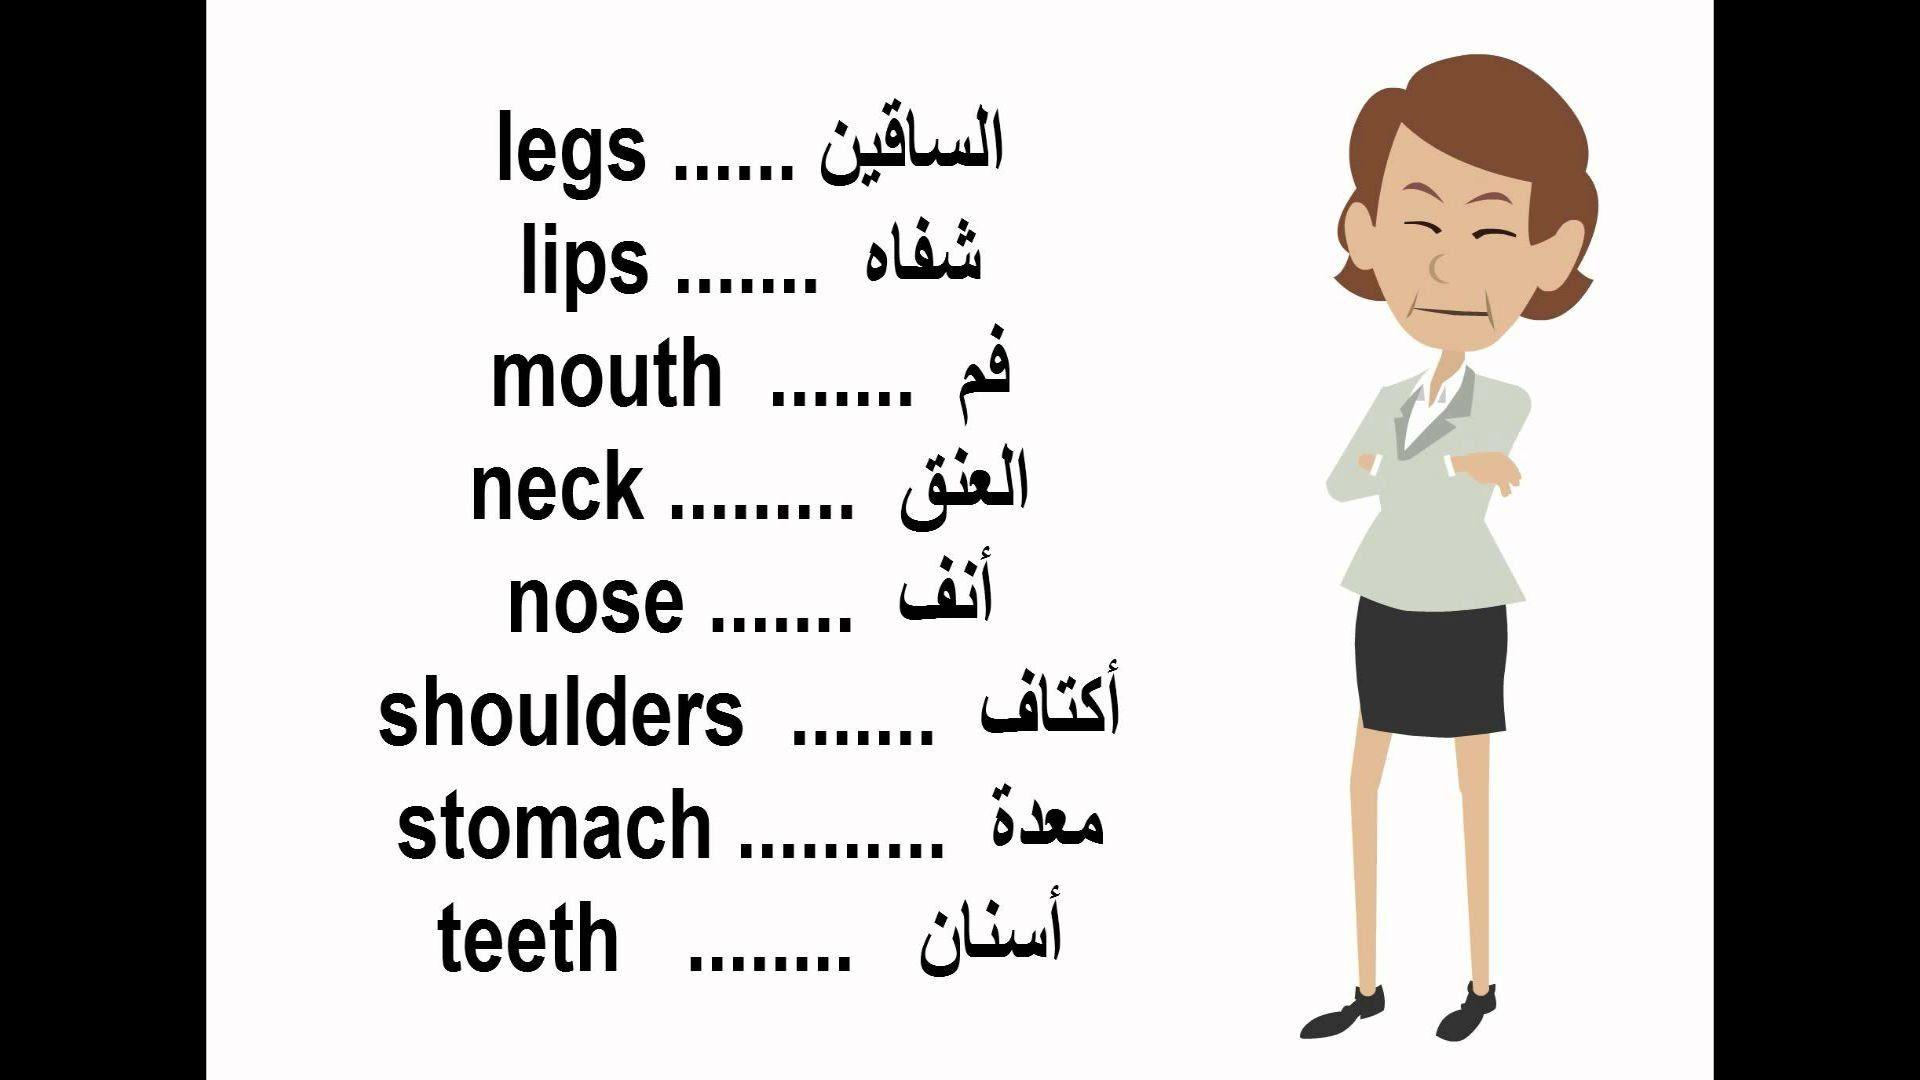 اجزاء و اعضاء الجسم بالانجليزي بالصور Learning Arabic Learning Body Organs